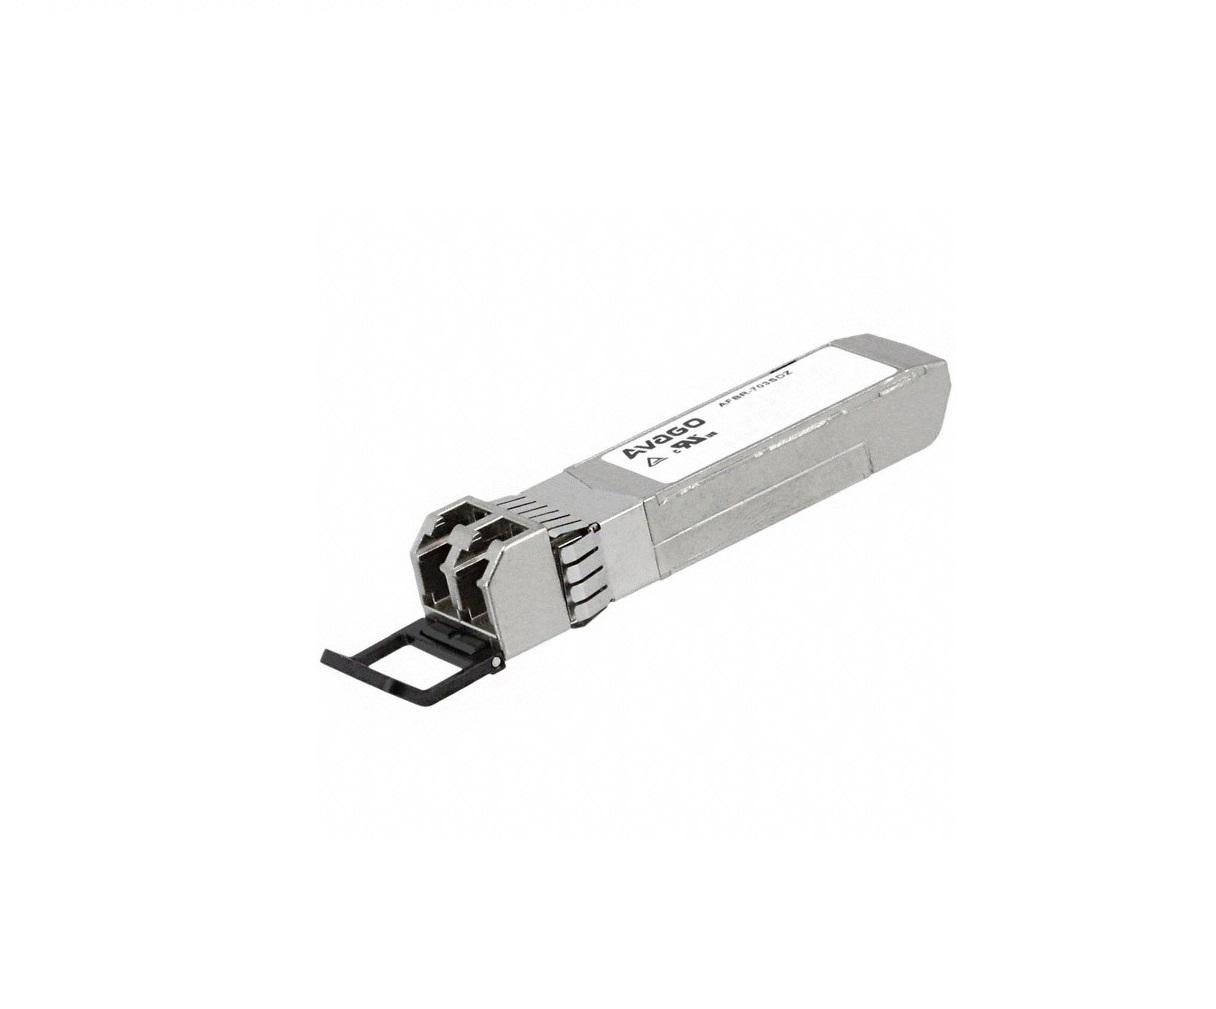 10GB Avago 10 Gbit SFP+ SR SFP 850NM Transeiver 019-078-041 AFBR-703ASDZ-E2